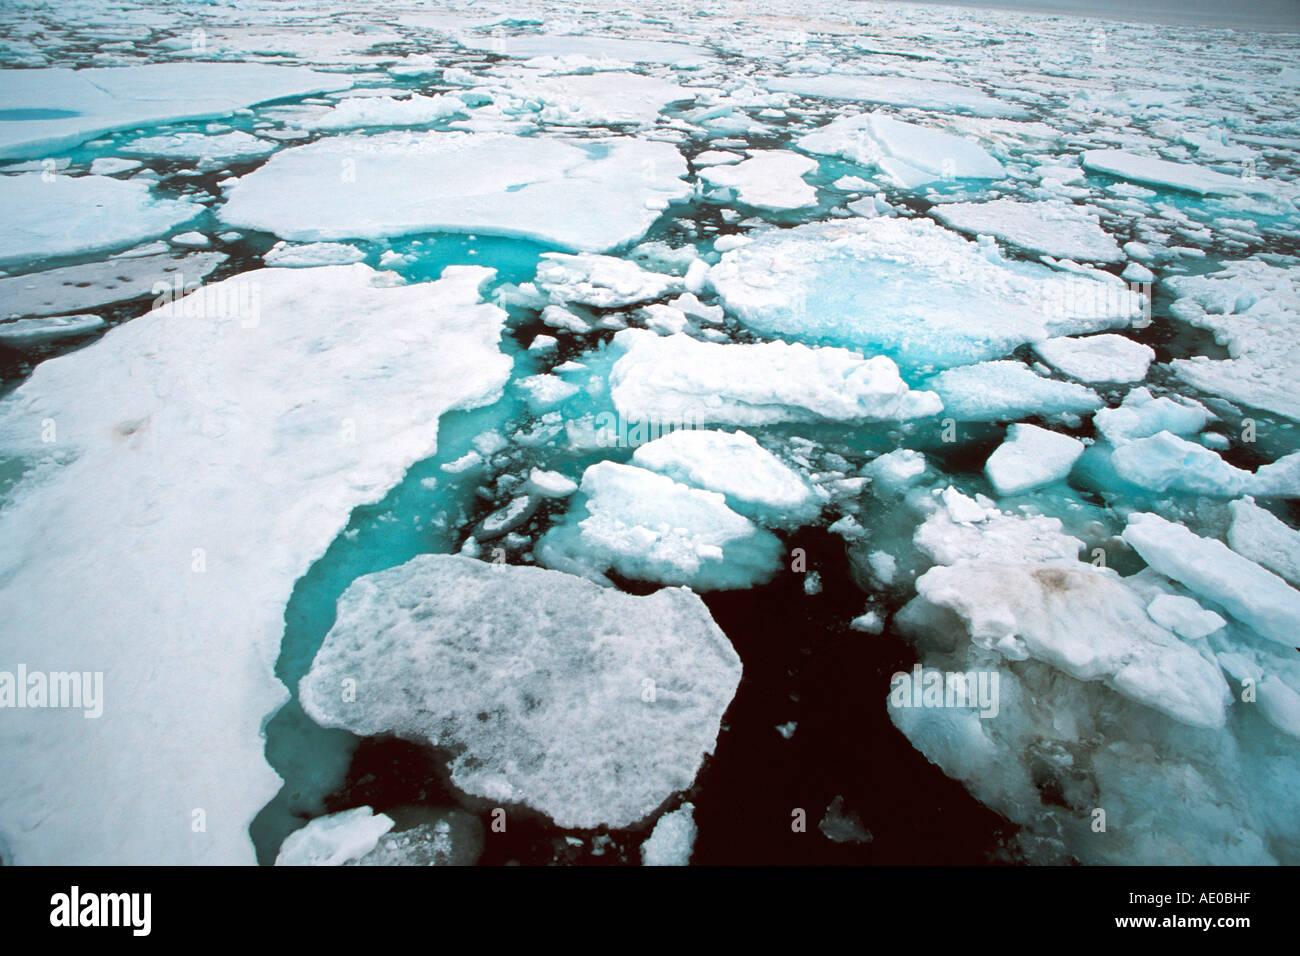 Paquete de hielo a la deriva de los campos de hielo hielo actic ocean Treibeis Packeis Eisfeld Arktis Ozean Svalbard Foto de stock